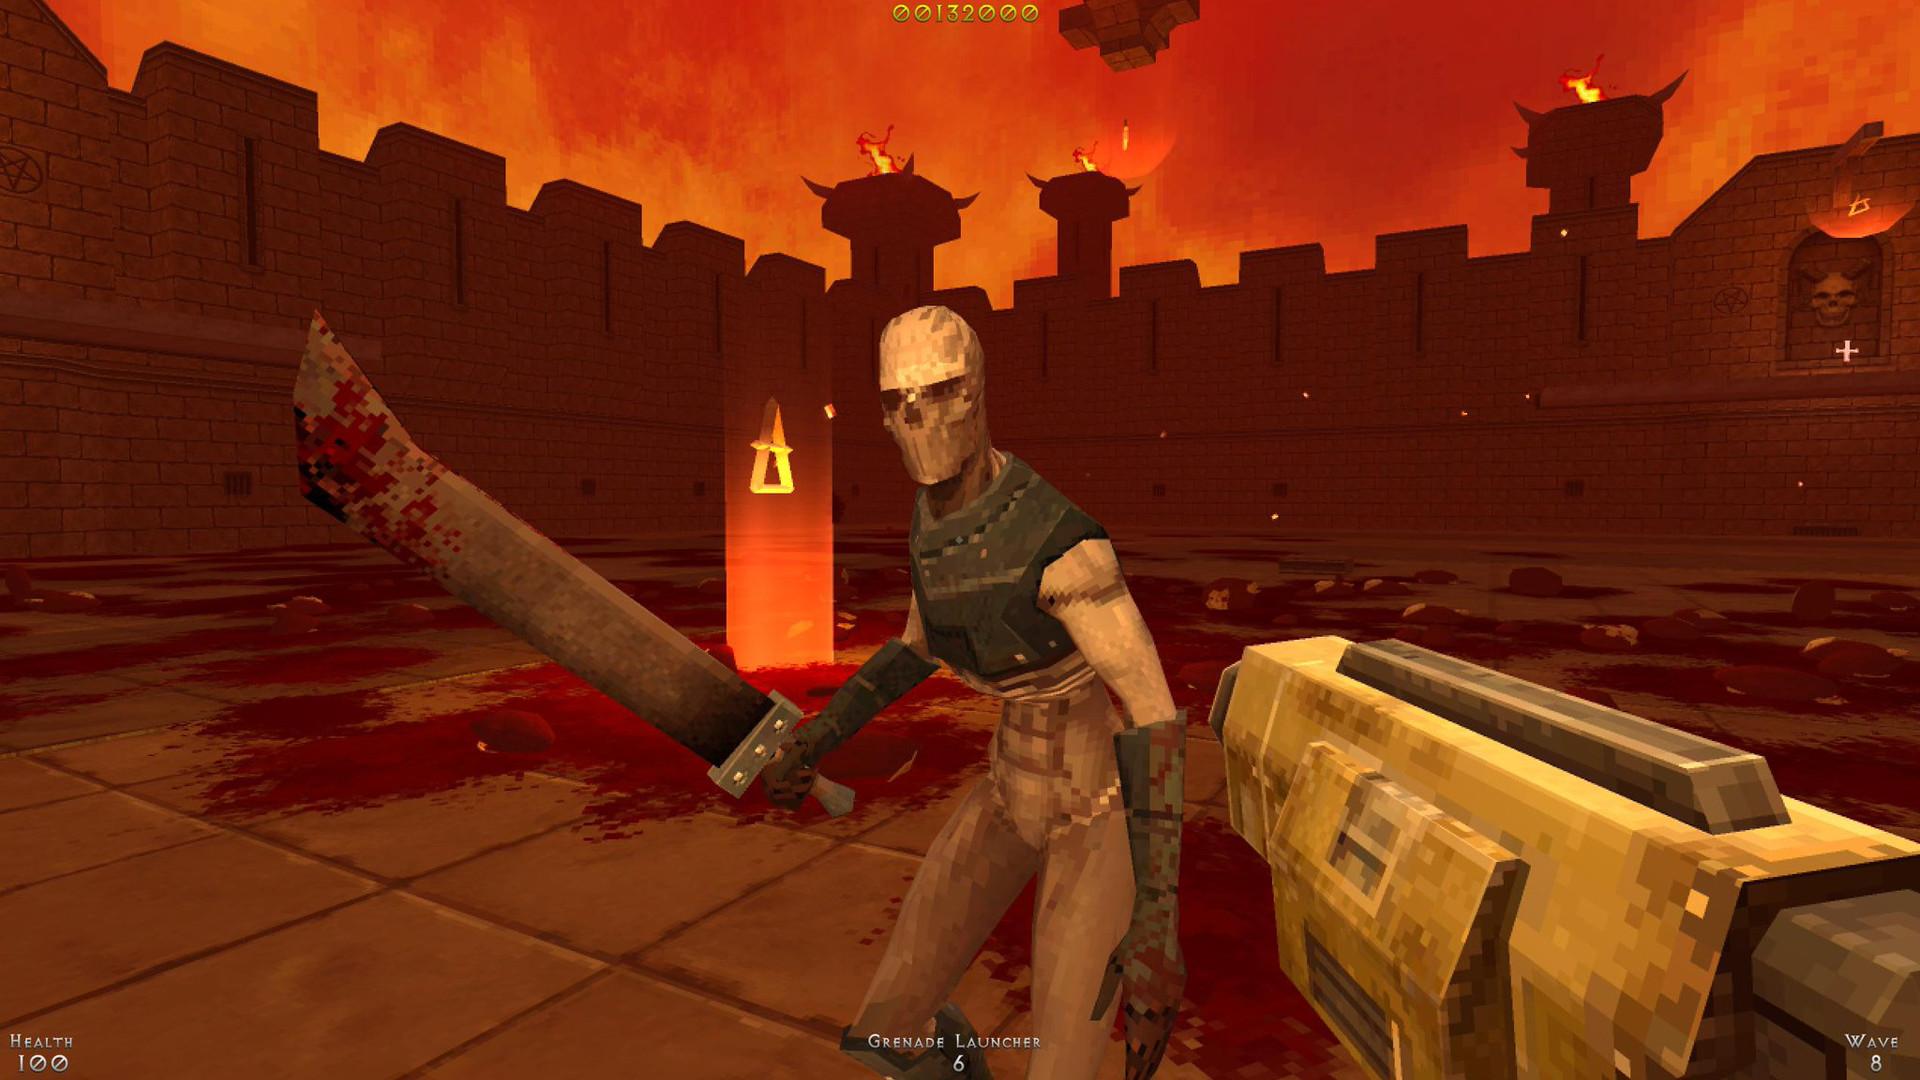 Demo de FPS baseado em ondas recebe demo para PC antes do lançamento completo